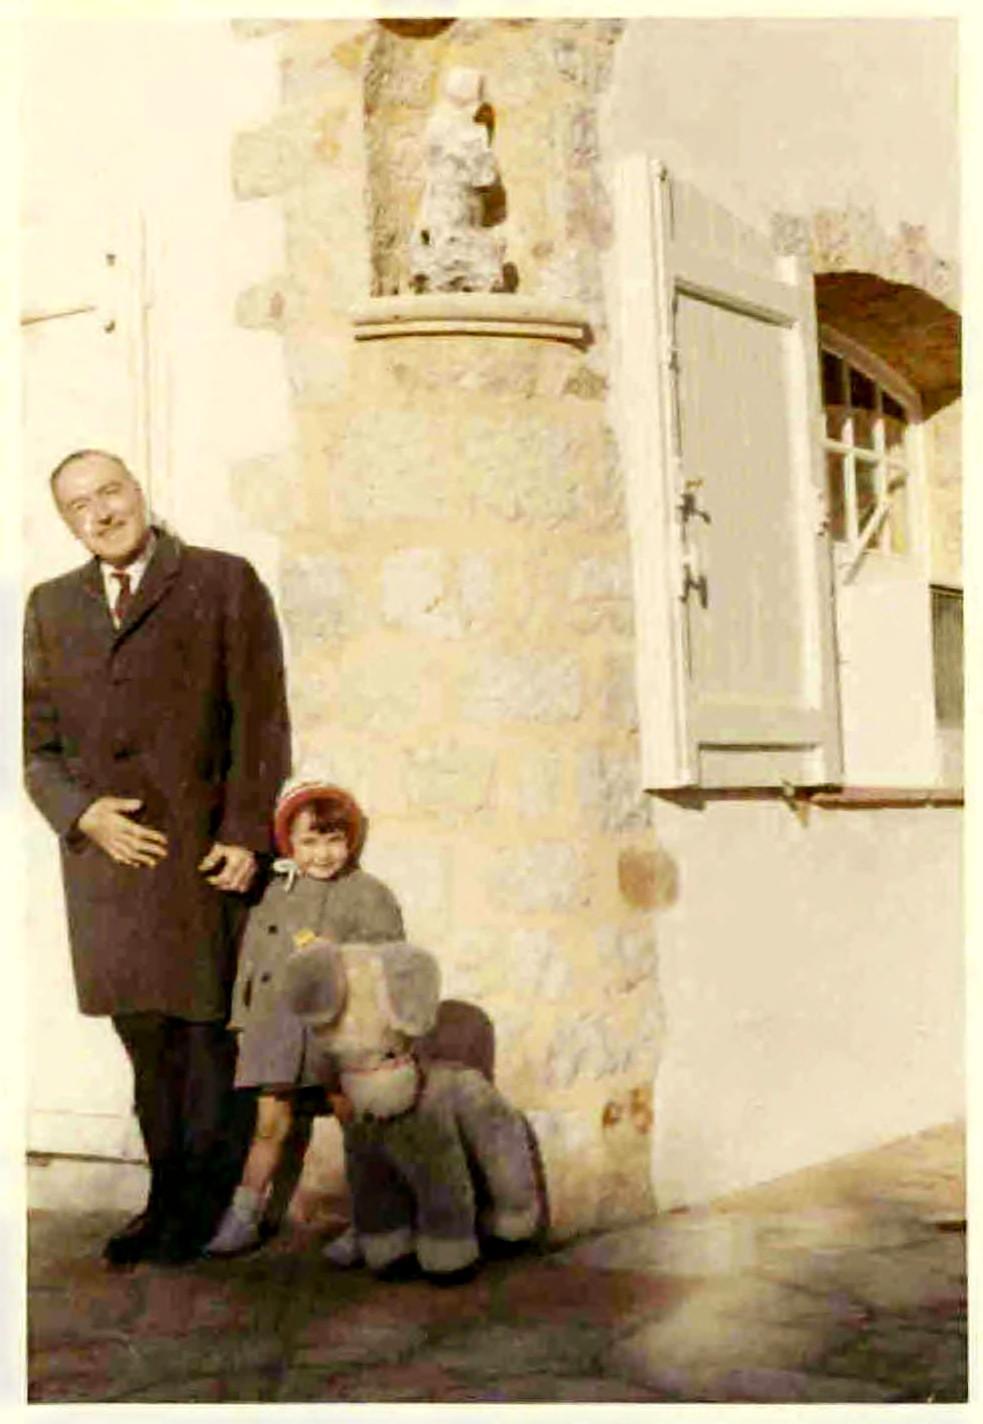 Etienne, her fiancé